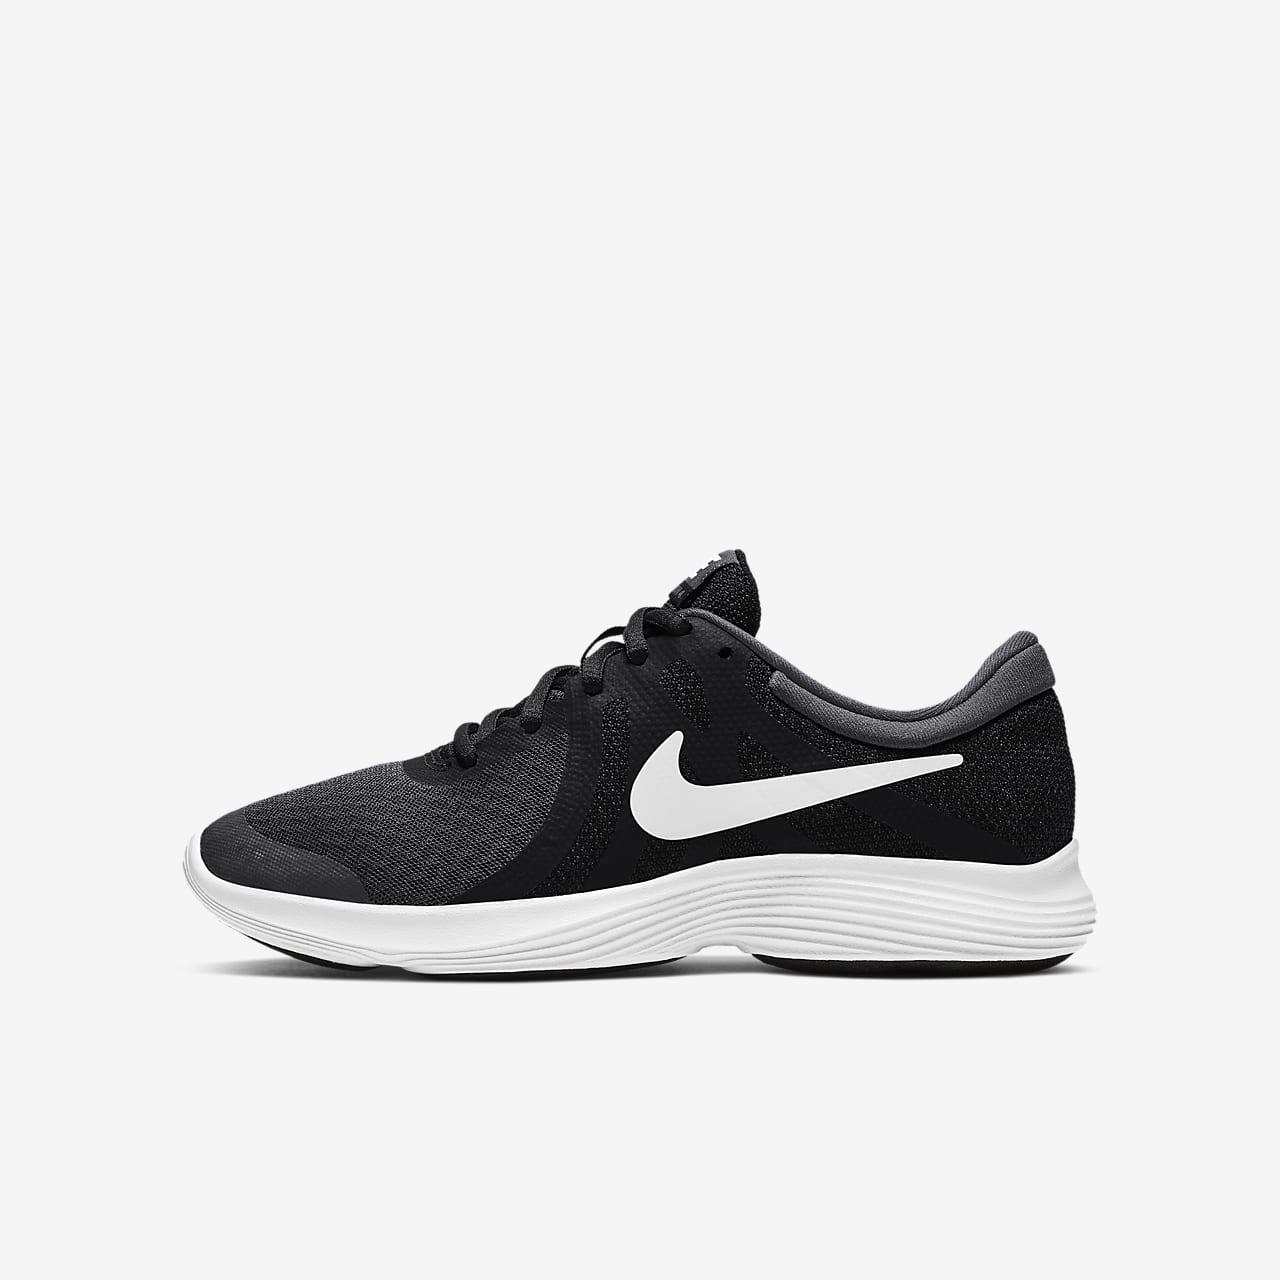 reputable site c7d44 17d1b ... Chaussure de running Nike Revolution 4 pour Enfant plus âgé